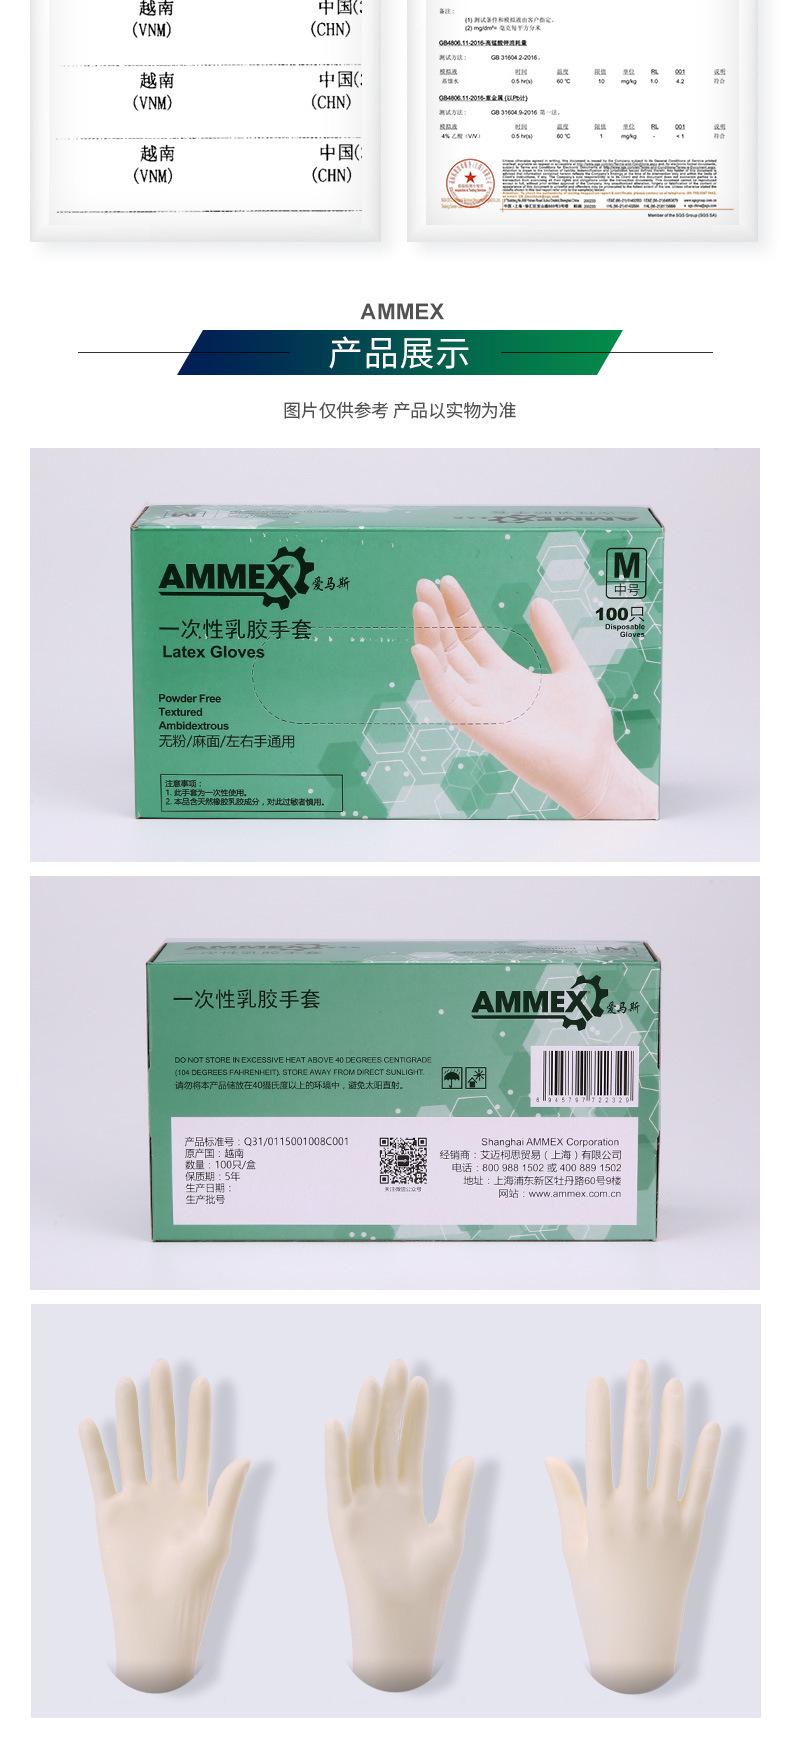 Găng tay cao su dùng một lần AMMEX .